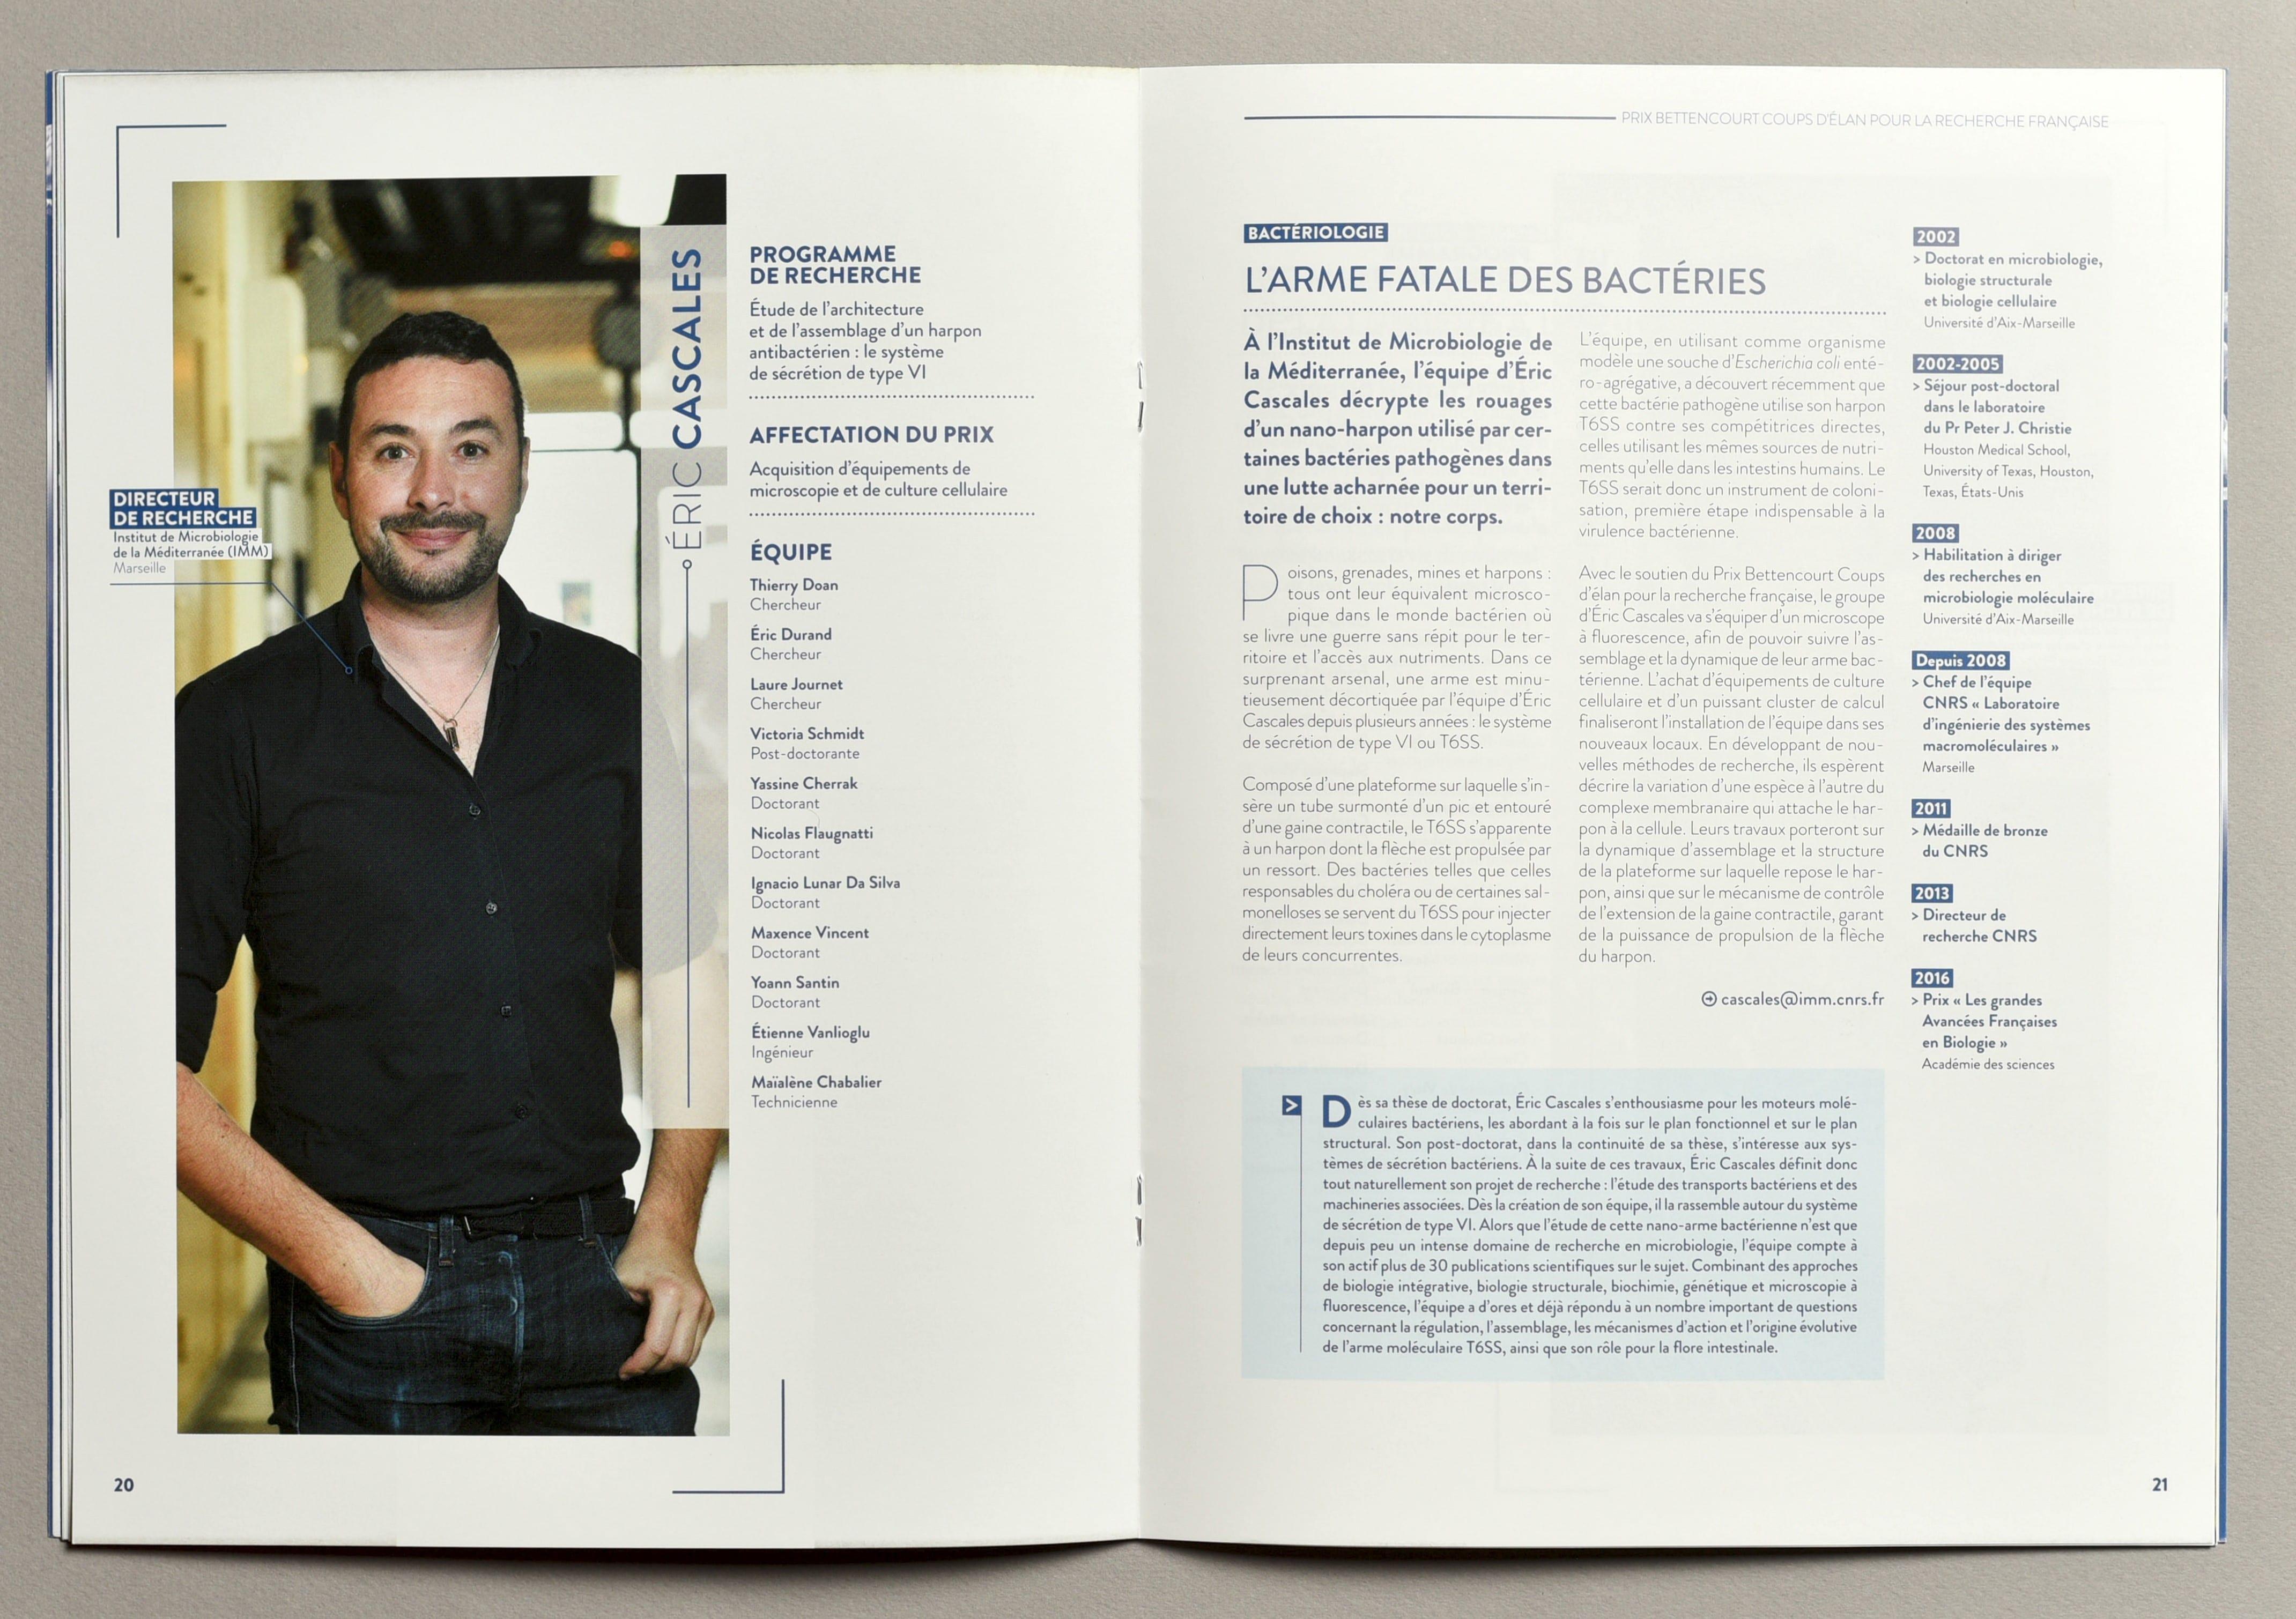 Brochure sur les lauréats 2018 du Prix Bettencourt de la Fondation Bettencourt-Schueller